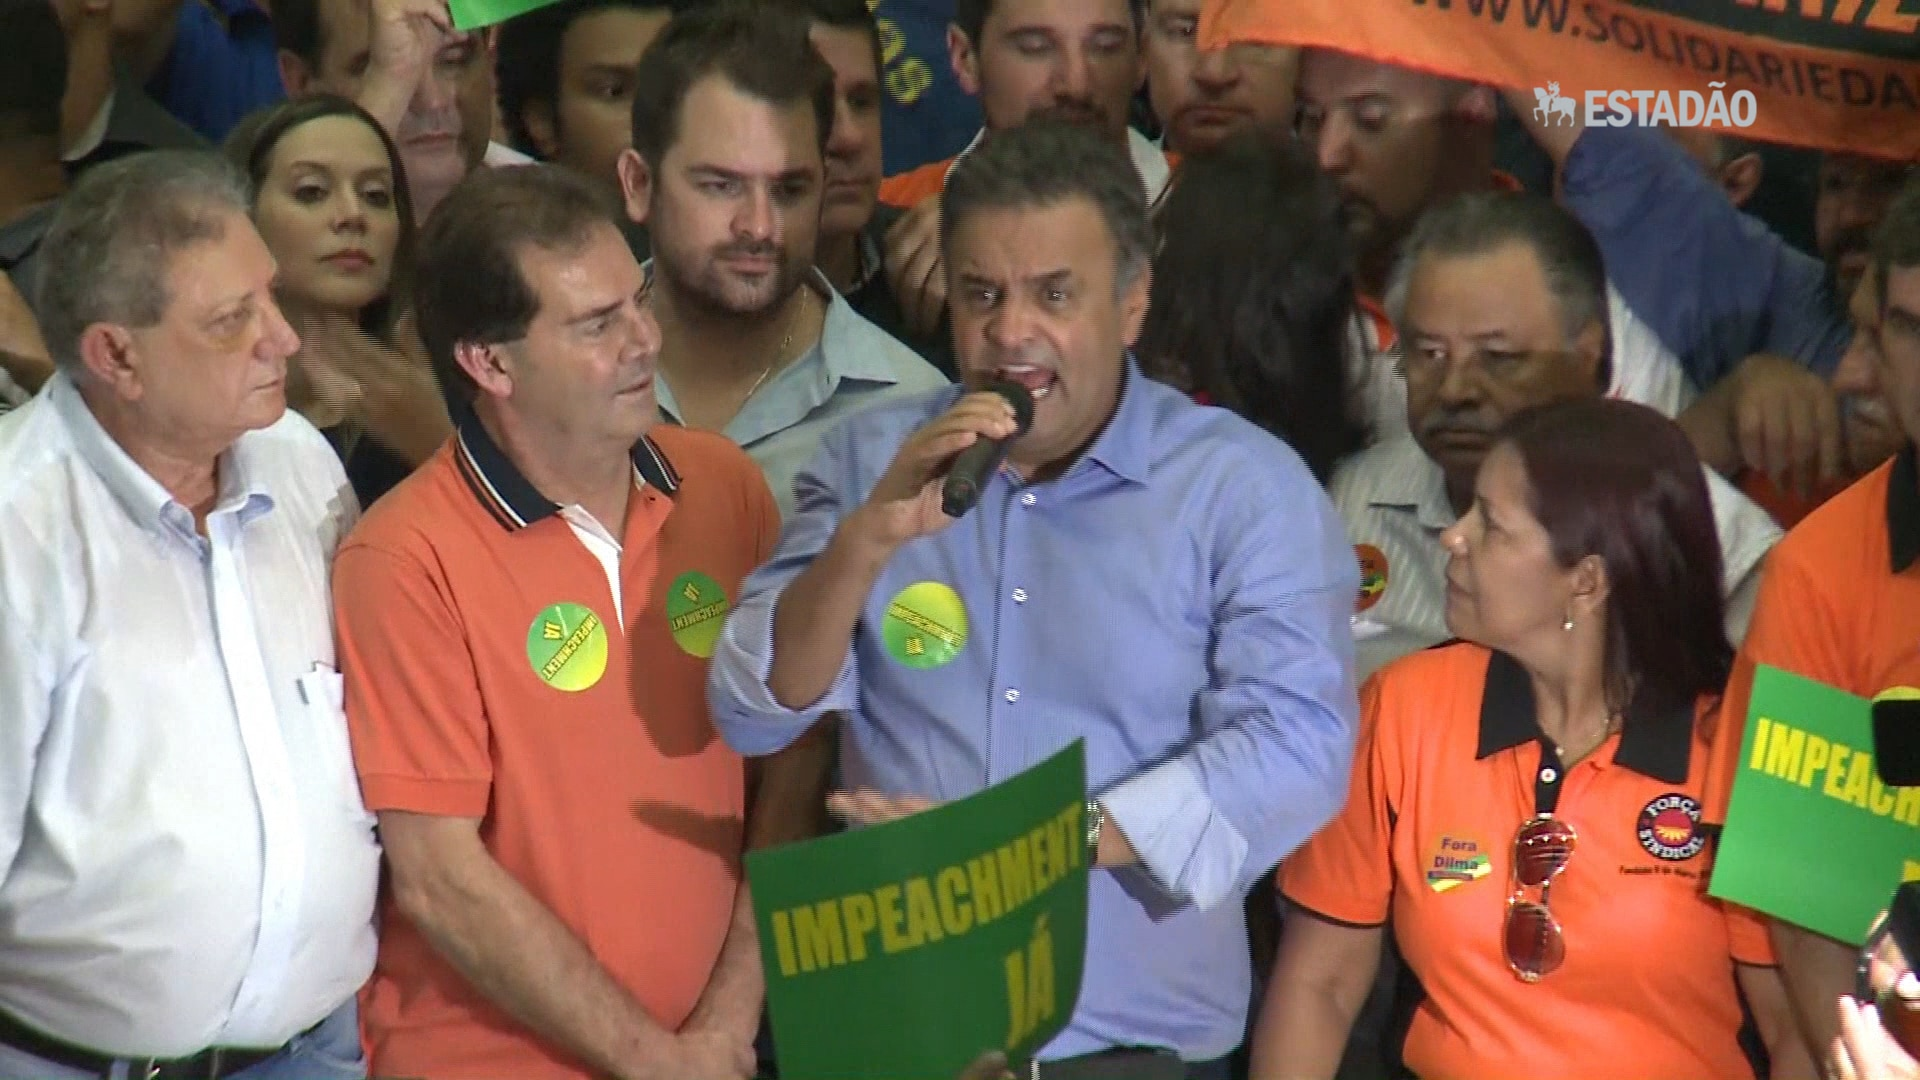 Aécio: 'Vamos dar uma chance ao Brasil'